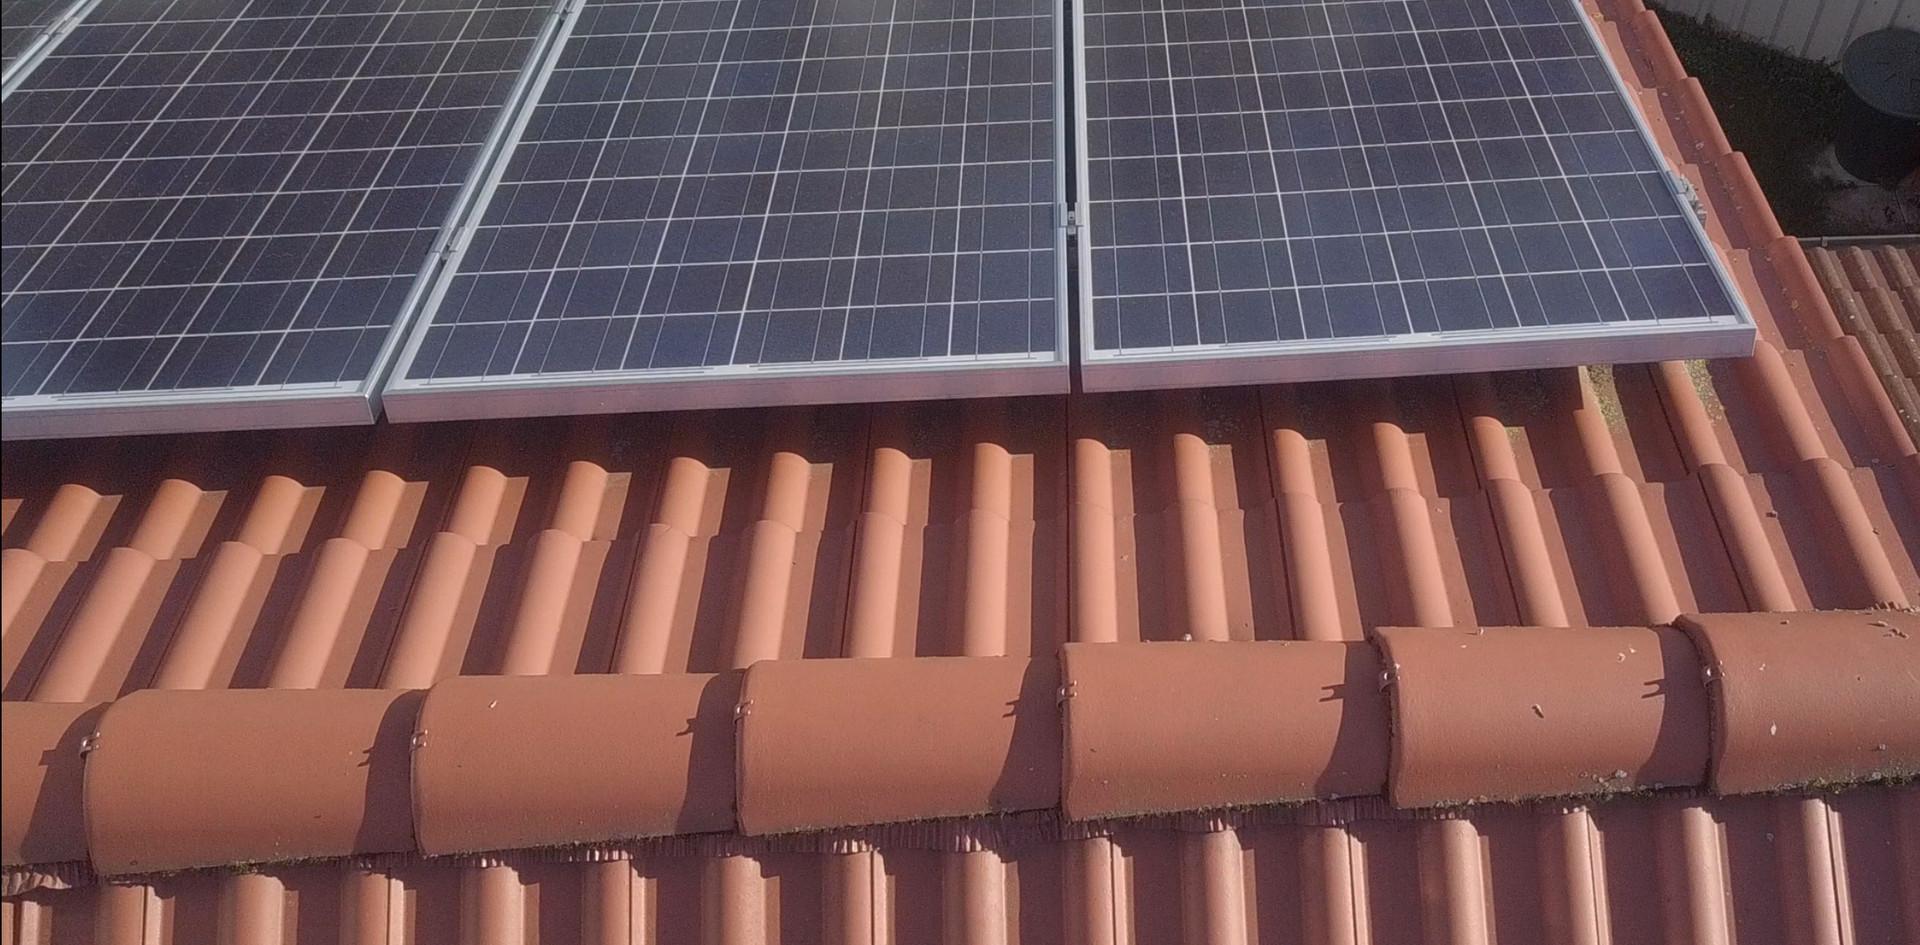 Solarzellen Kontrolle